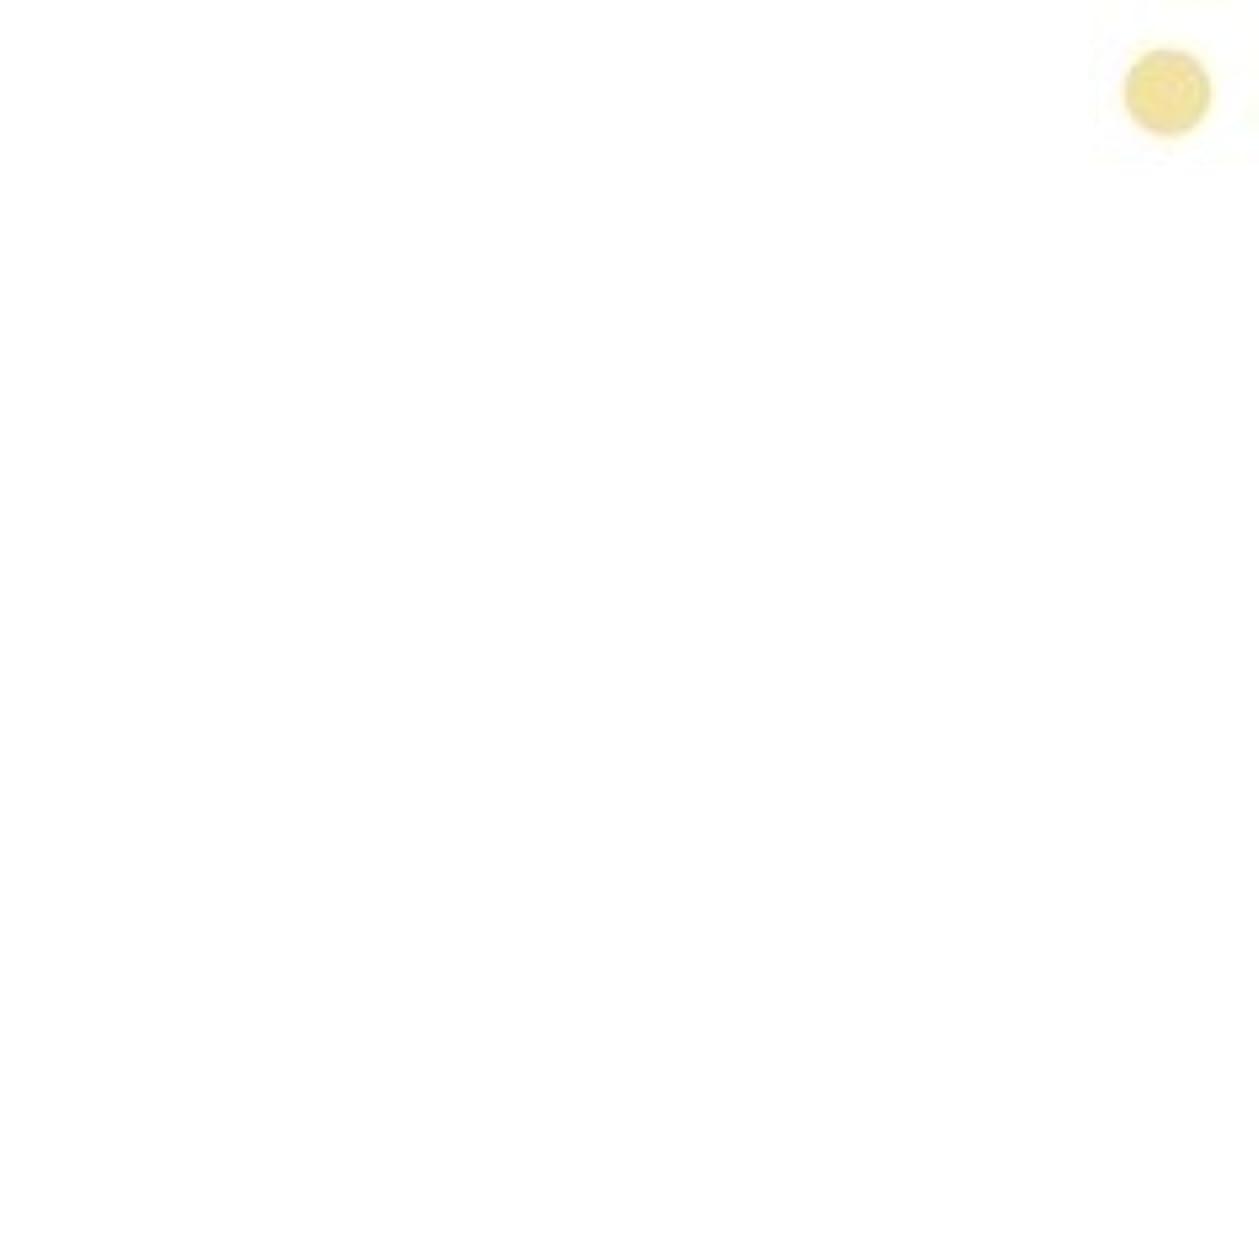 折る感覚ブース【カバーマーク】ジャスミーカラー パウダリーファンデーション #YN10 (レフィル)